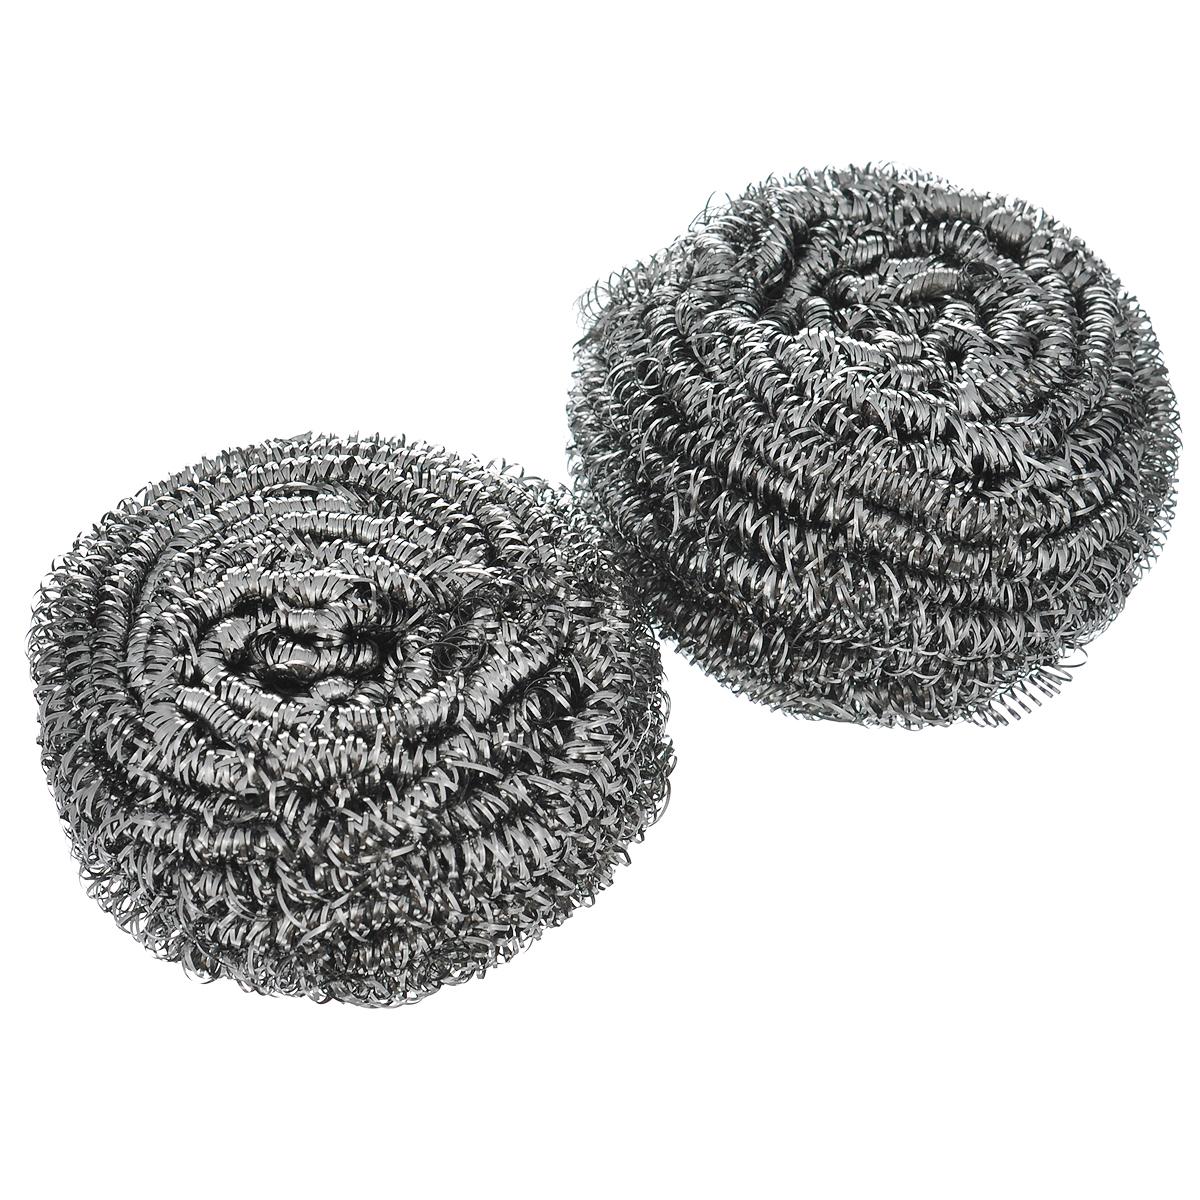 Губка для мытья посуды Vileda Inox, металлическая, 2 шт32110739Спиралевидные губки Vileda Inox изготовлены из 100% стали и предназначены для очистки металлической посуды и рабочих поверхностей от стойких загрязнений. Не рекомендуется использовать на деликатных поверхностях. Изделия не ржавеют, не колют руки, хорошо промываются под струей воды. В наборе - 2 губки.Размер губки: 6 см х 6 см х 4 см. Комплектация: 2 шт.